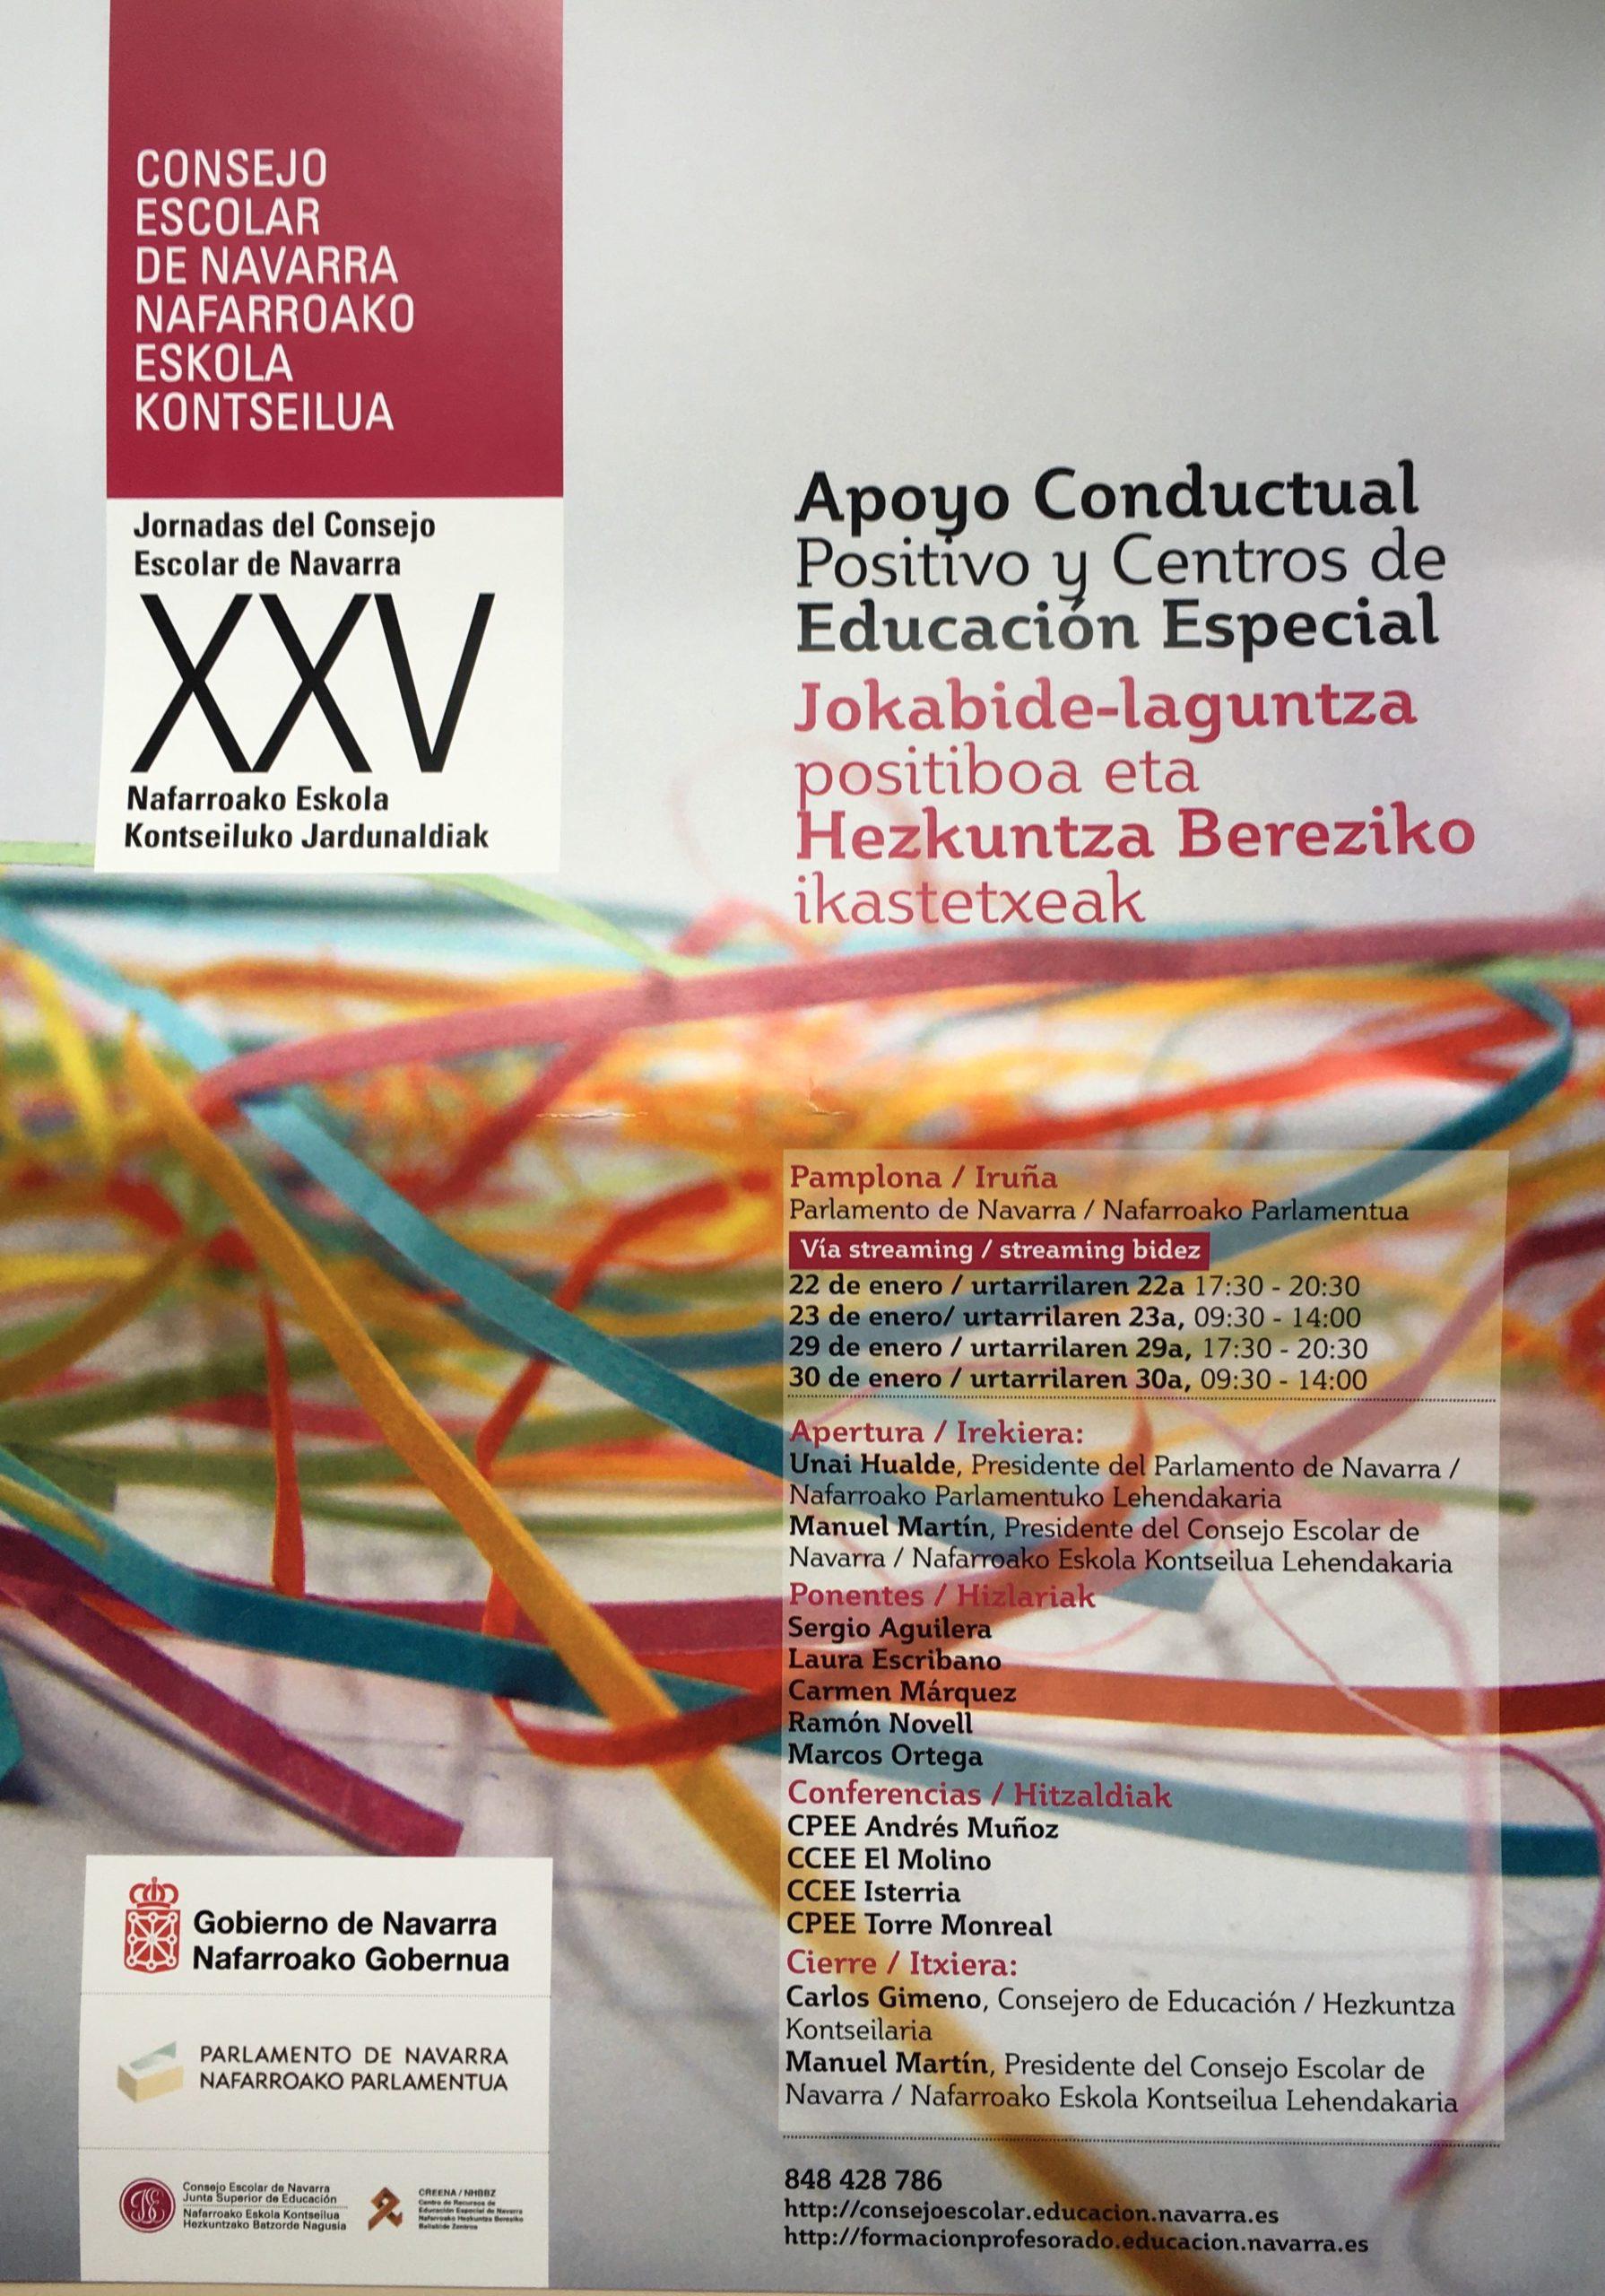 Consejo Escolar de Navarra - Diseño gráfico EASDi